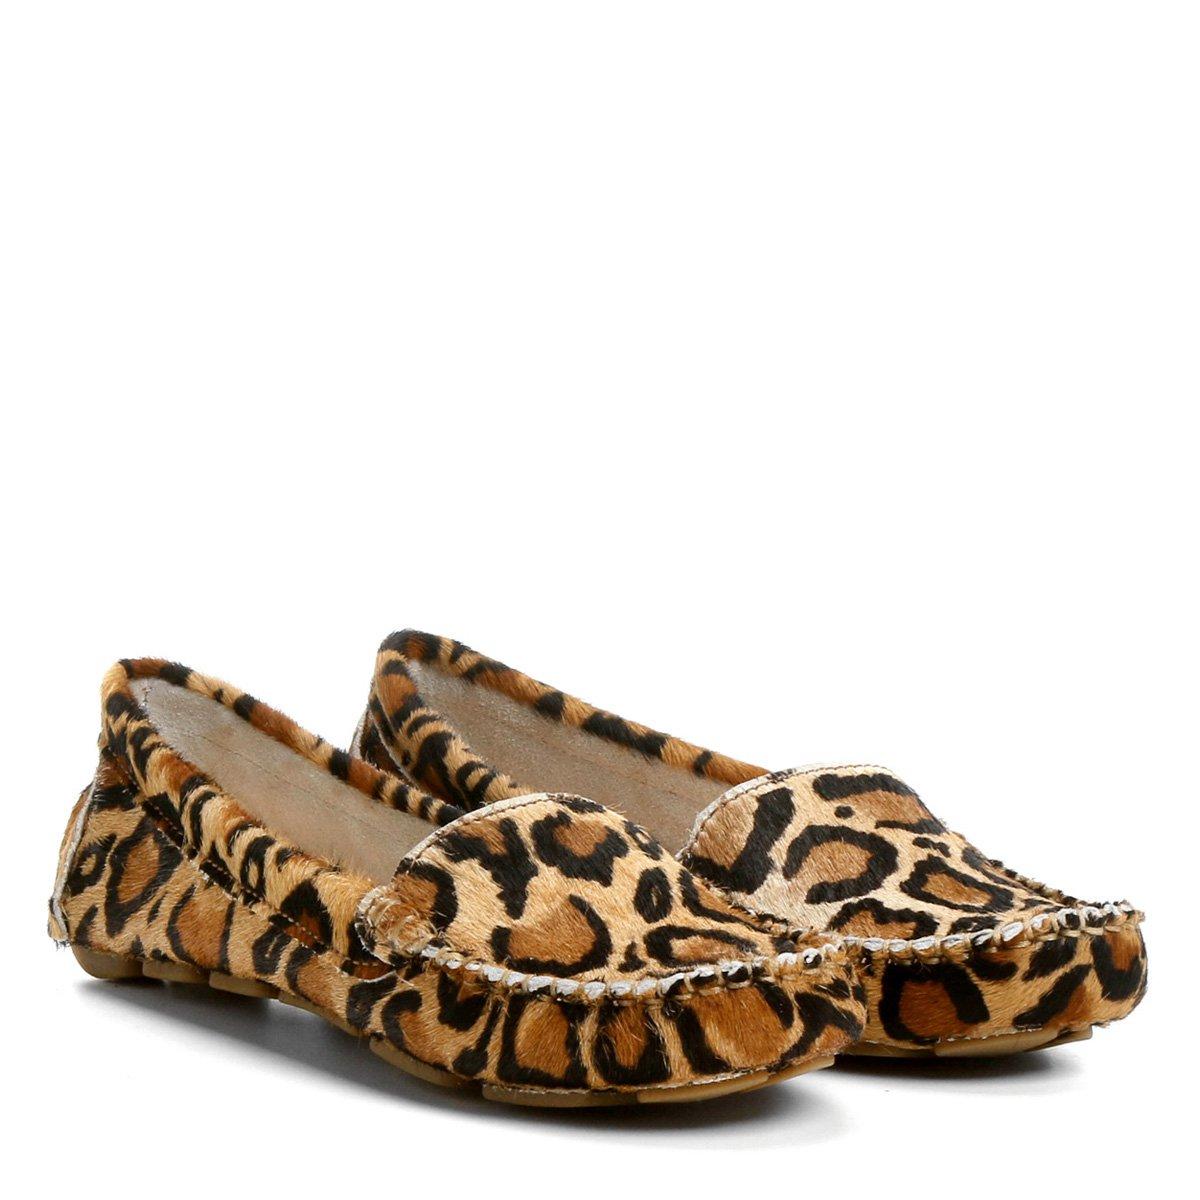 64e06d5f4 Mocassim Couro Shoestock Drive Liso Onça Feminino | Shoestock